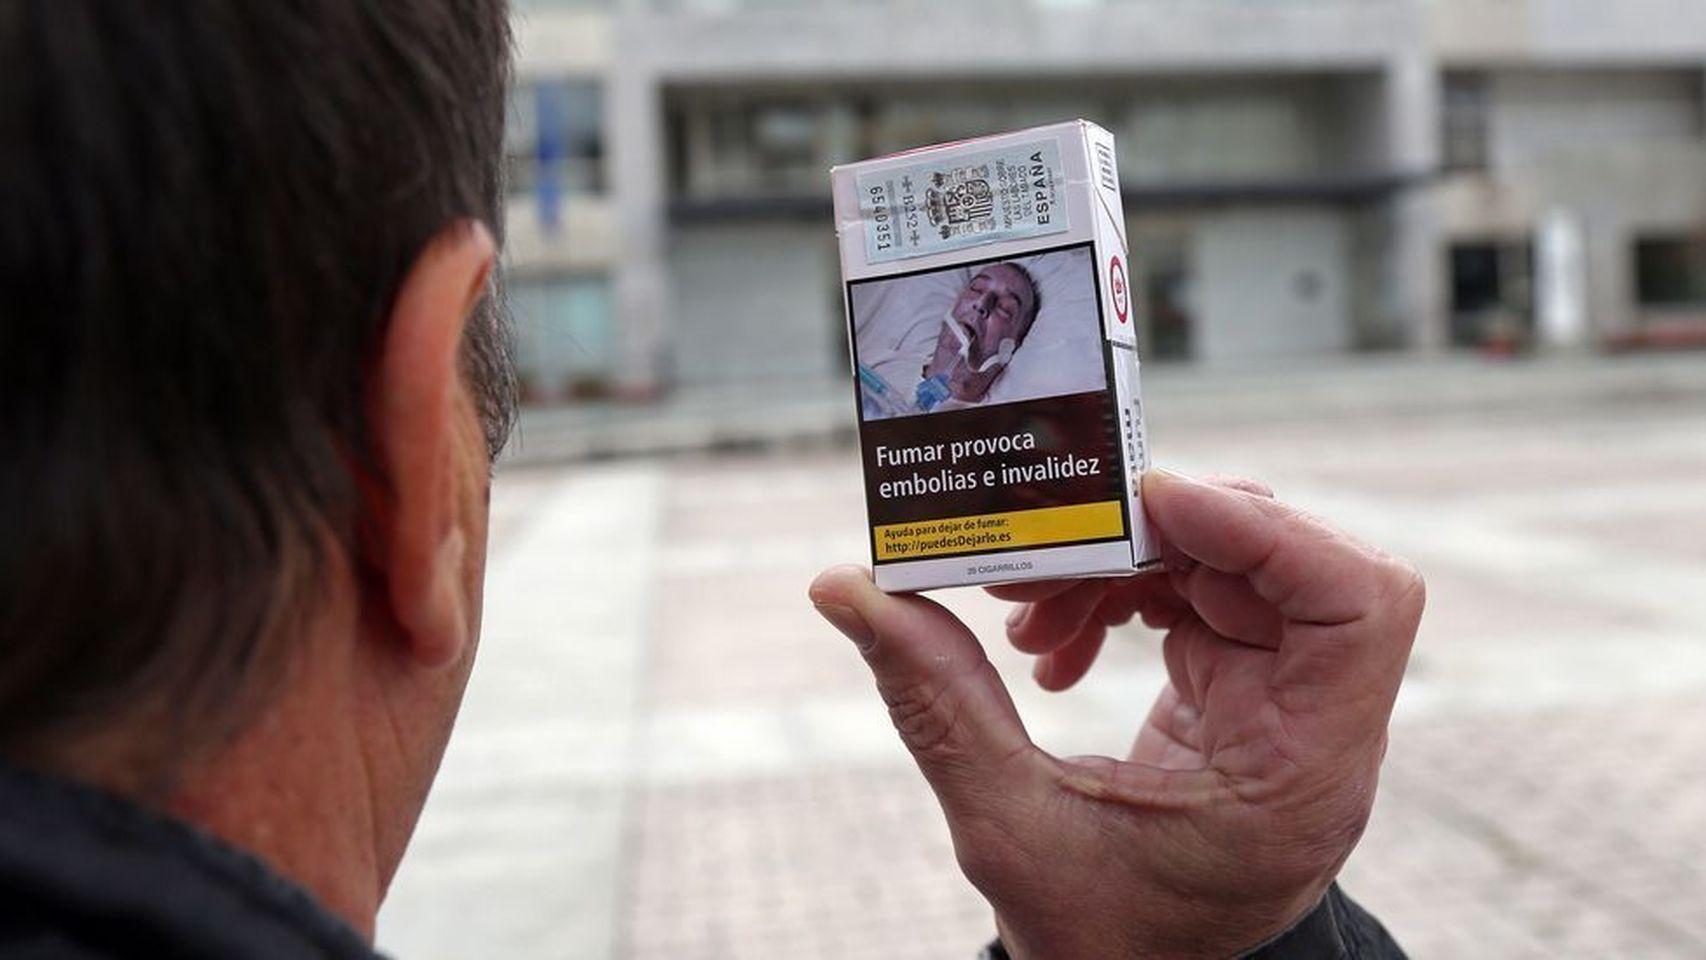 El gallego que ha denunciado que su fotografía está en las cajetillas de tabaco.